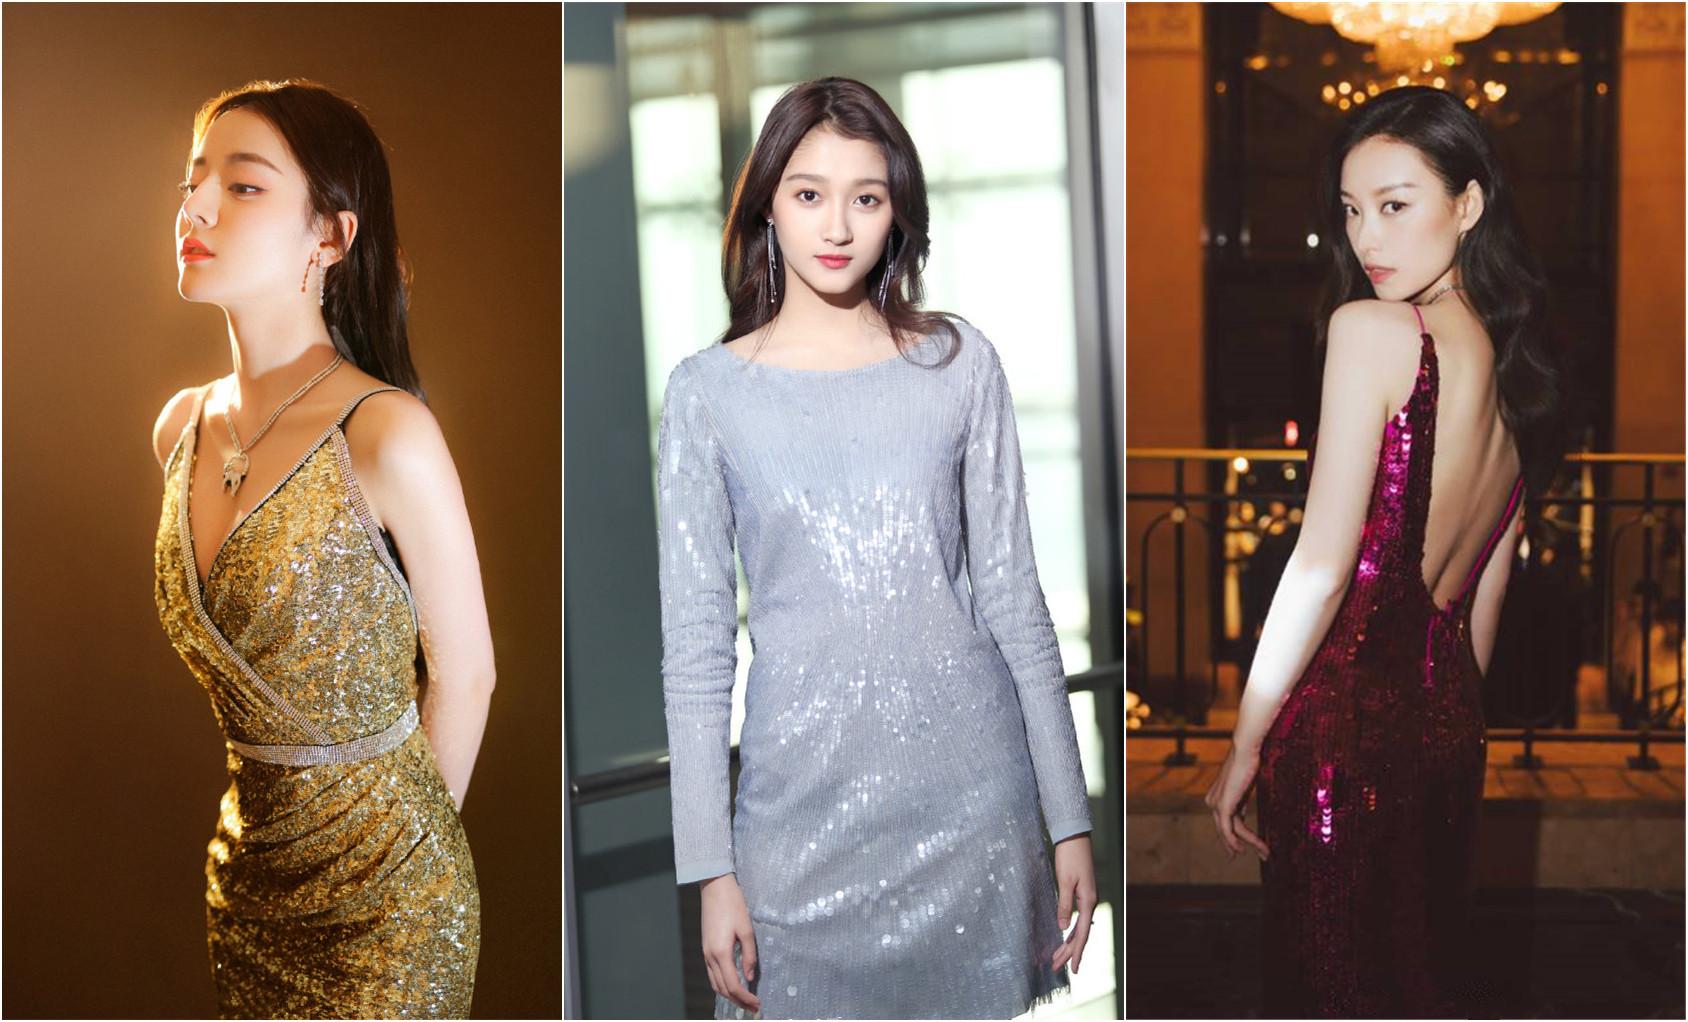 三千八的印花衬衫被关晓彤穿得清新又少女,话说造型师被换掉了